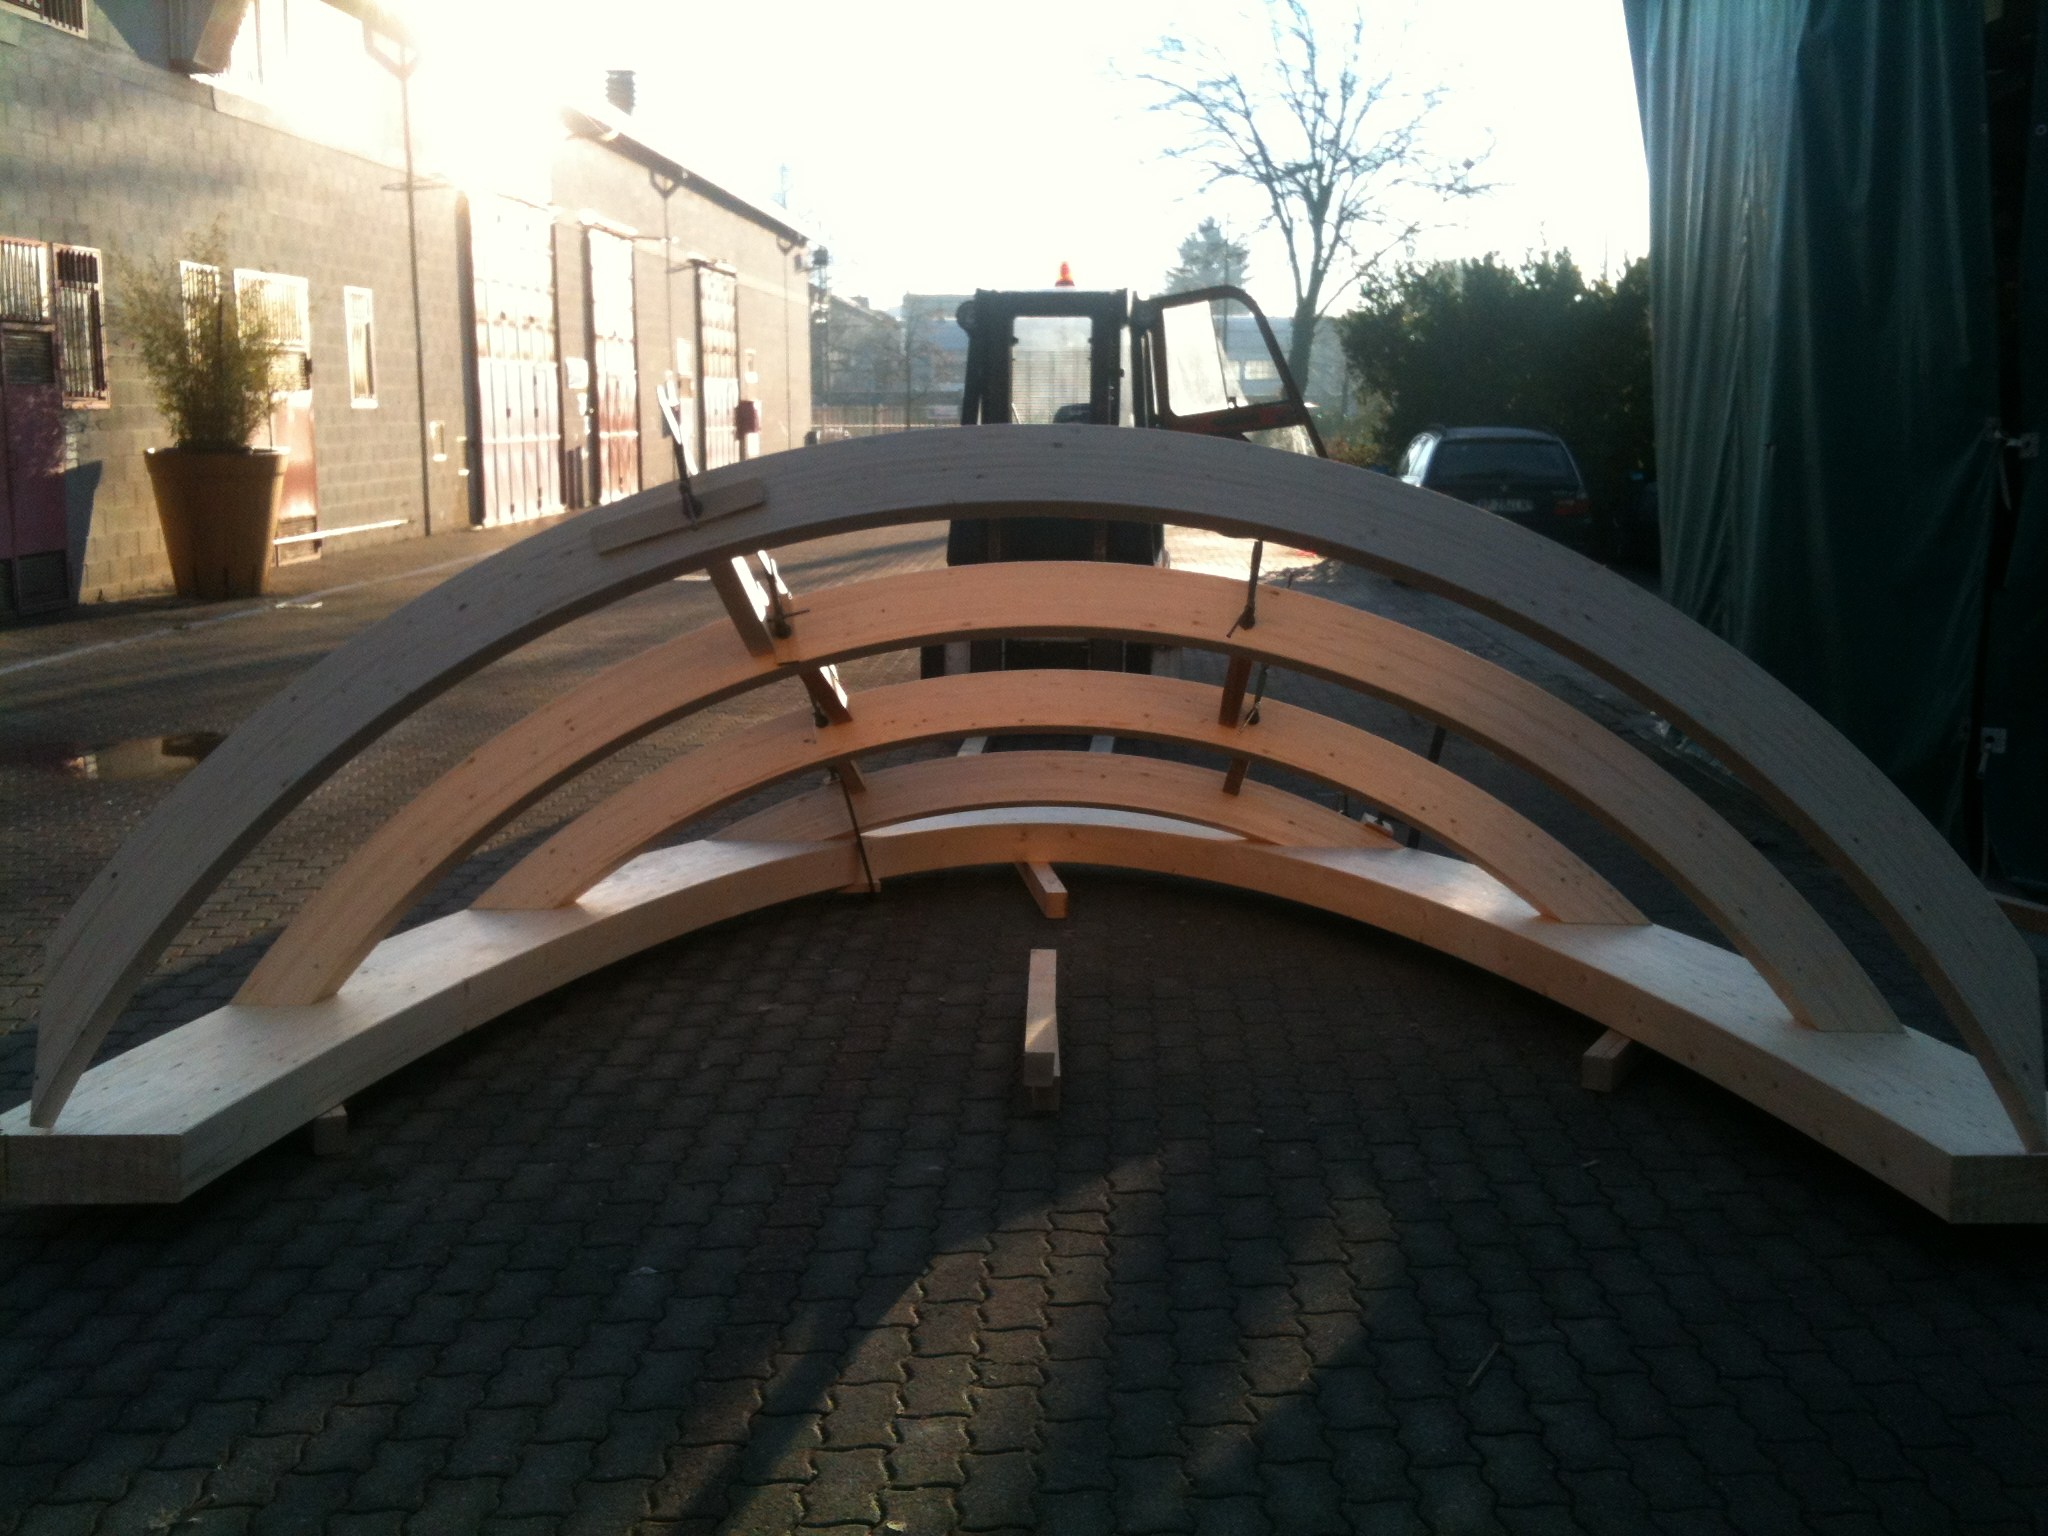 Strutture prefabbricate per abbaini falde curve for Strutture prefabbricate in legno